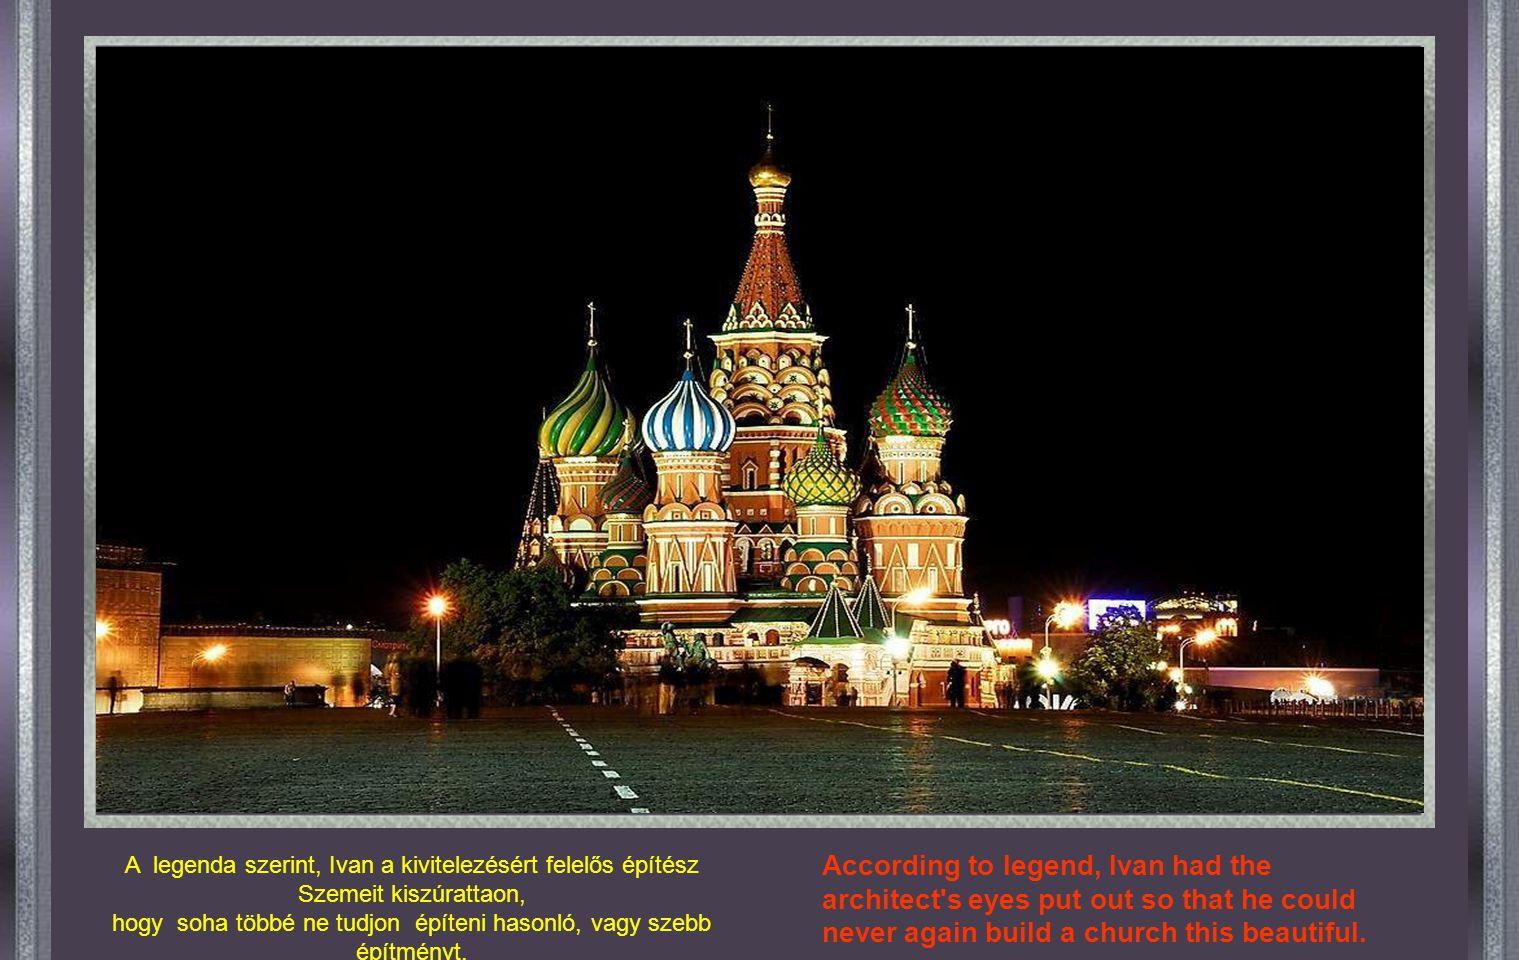 A legenda szerint, Ivan a kivitelezésért felelős építész